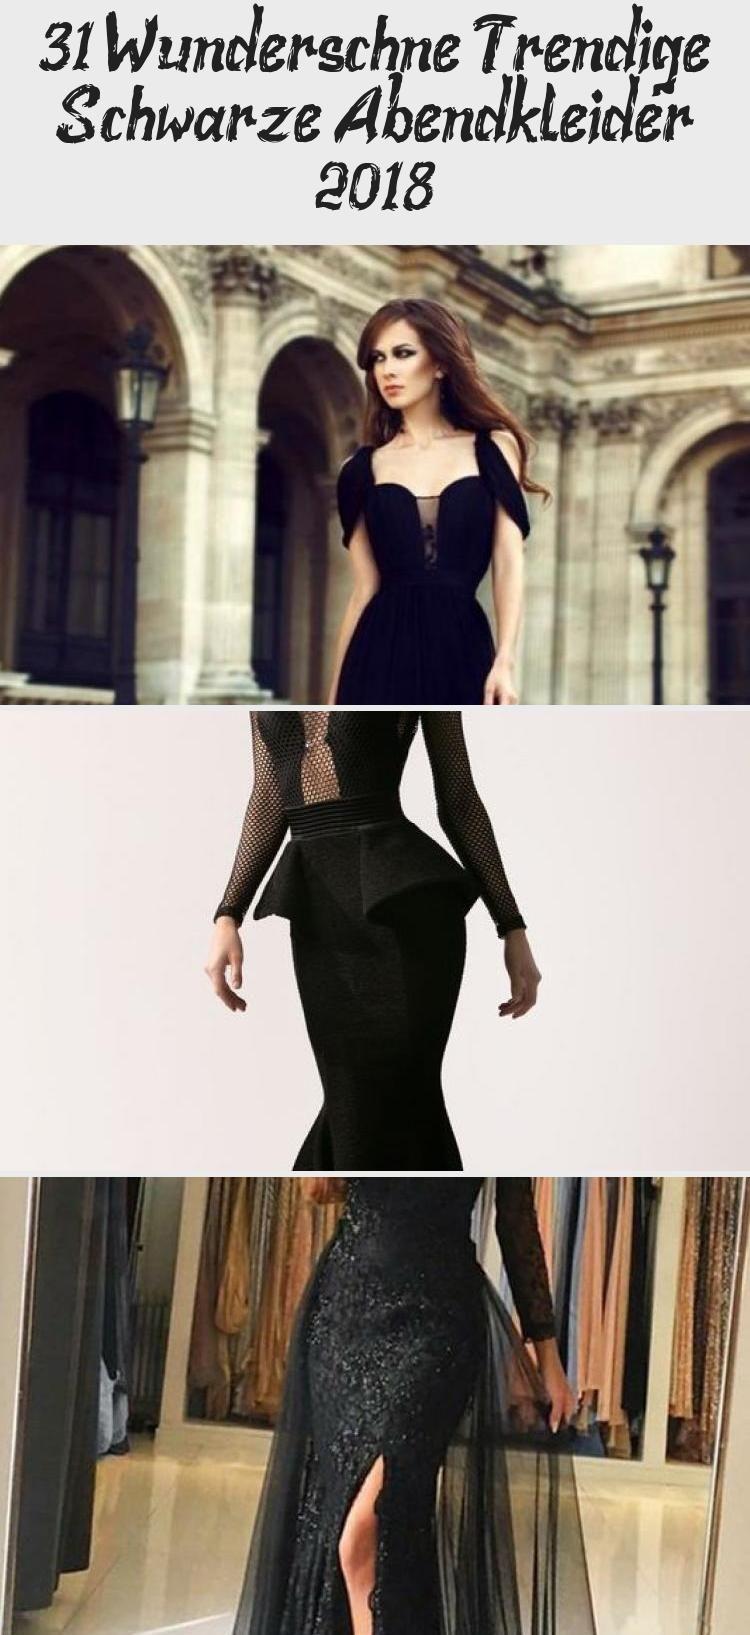 31 wunderschöne trendige schwarze abendkleider 2018 ein